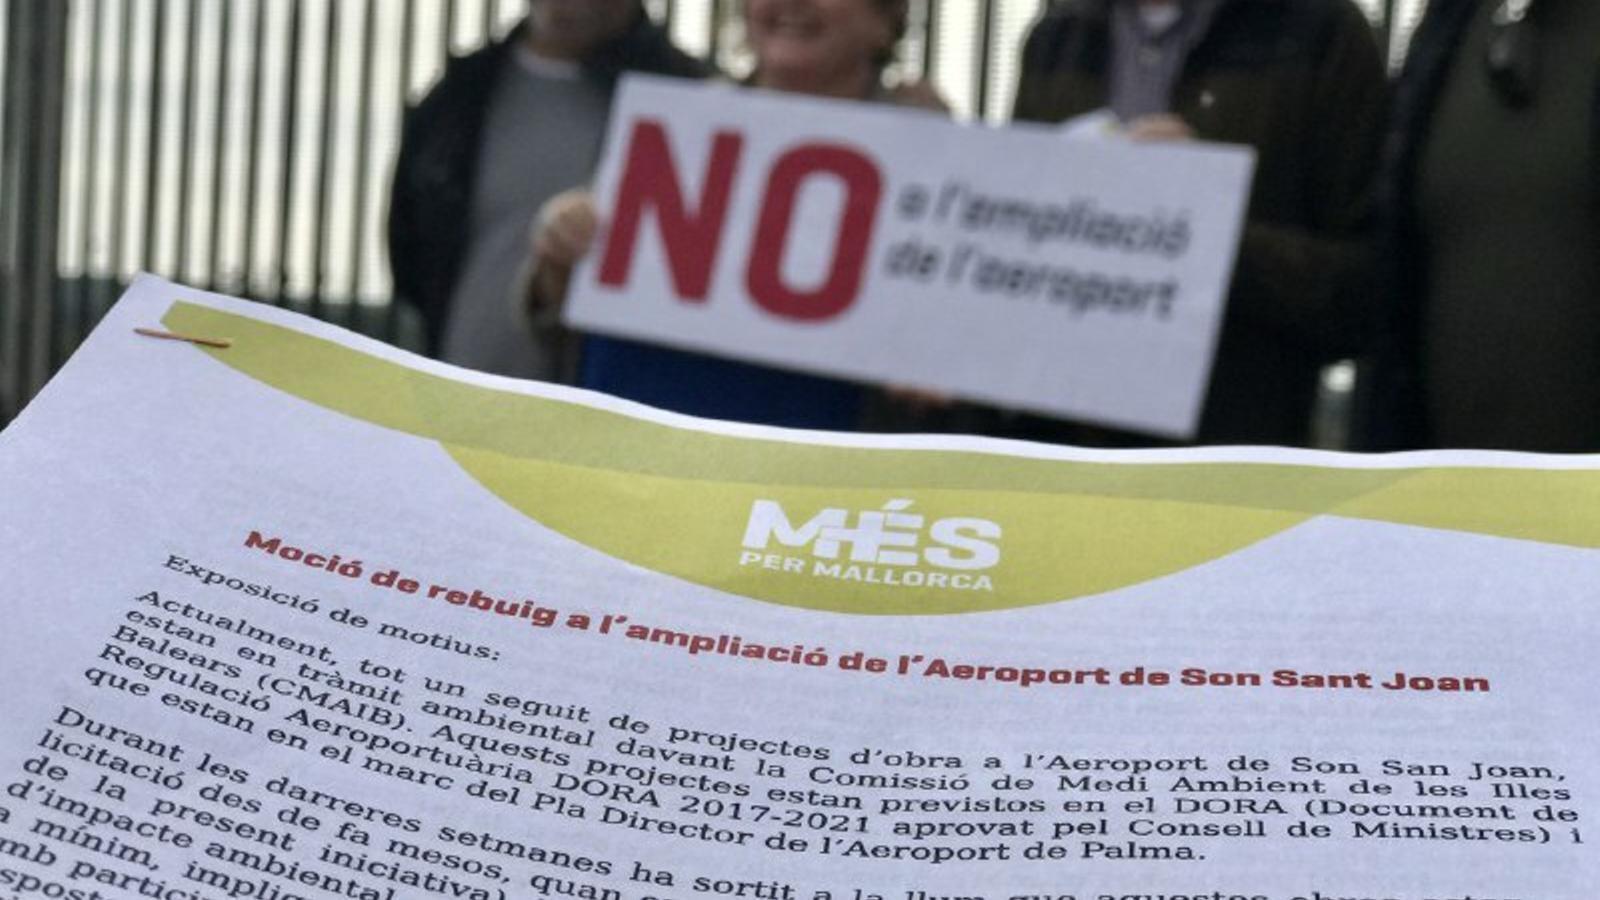 MÉS presentarà mocions a tots els ajuntaments per demostrar que el rebuig a l'ampliació de l'aeroport és un clam generalitzat